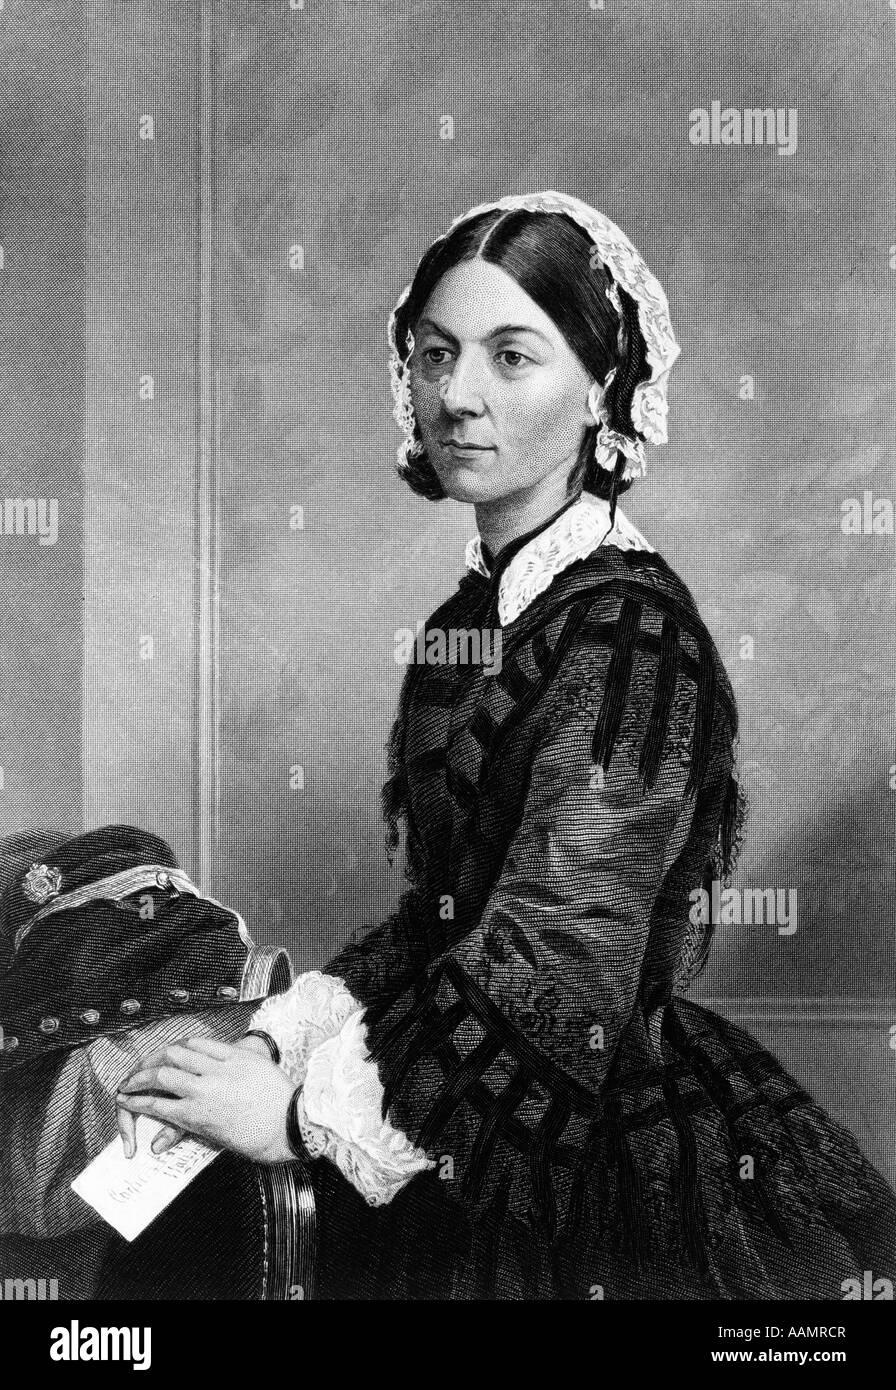 1800s 1870 ritratto di Florence Nightingale infermiera britannico fondatore della moderna assistenza infermieristica Immagini Stock